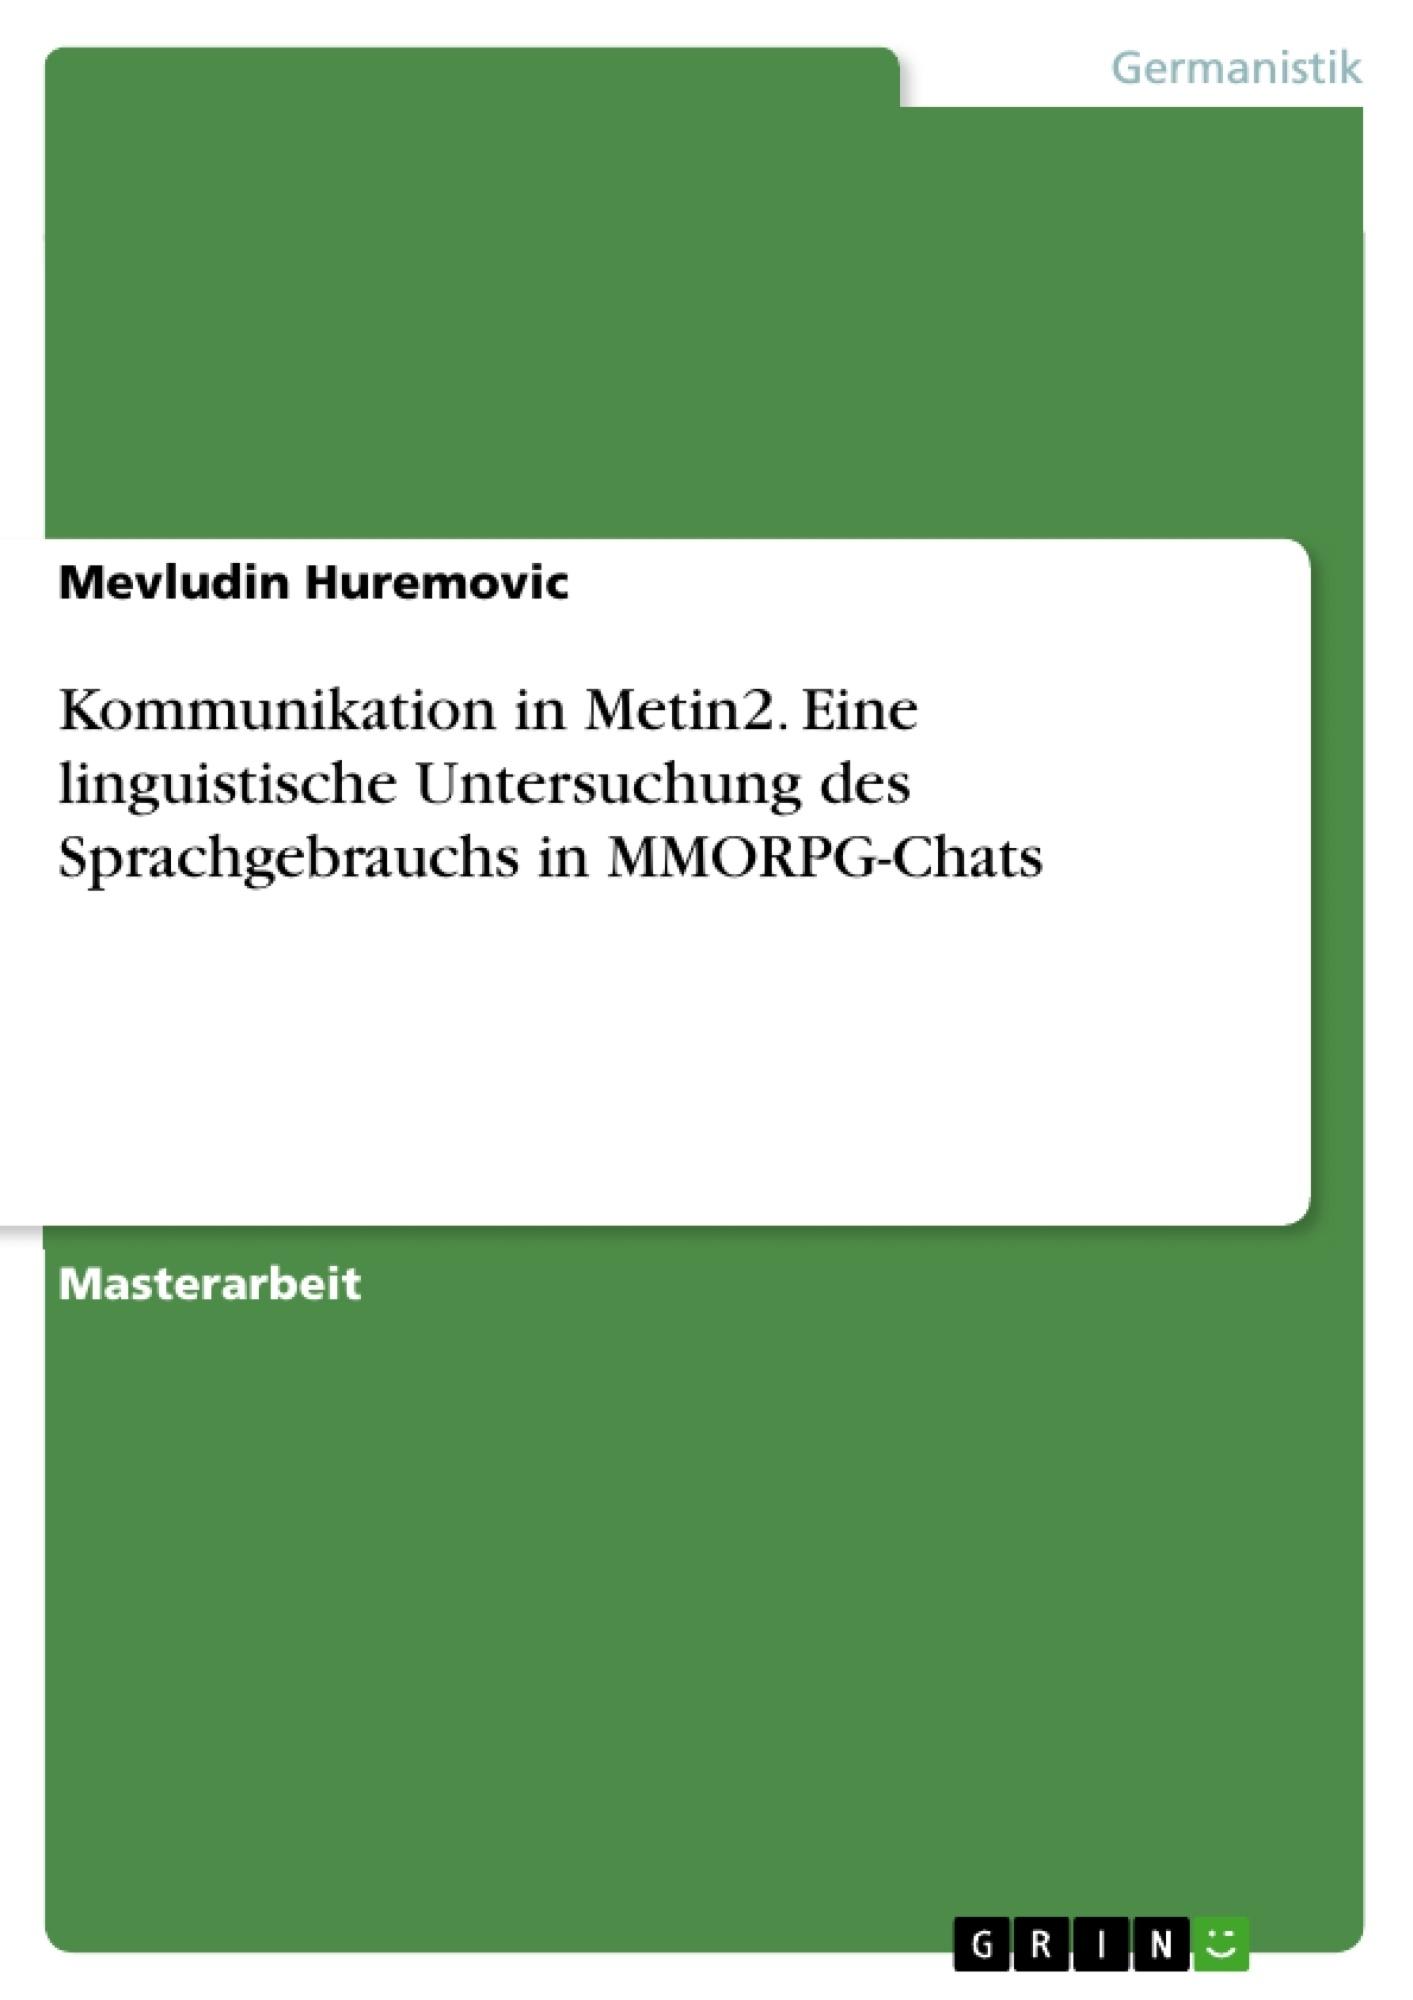 Titel: Kommunikation in Metin2. Eine linguistische Untersuchung des Sprachgebrauchs in MMORPG-Chats